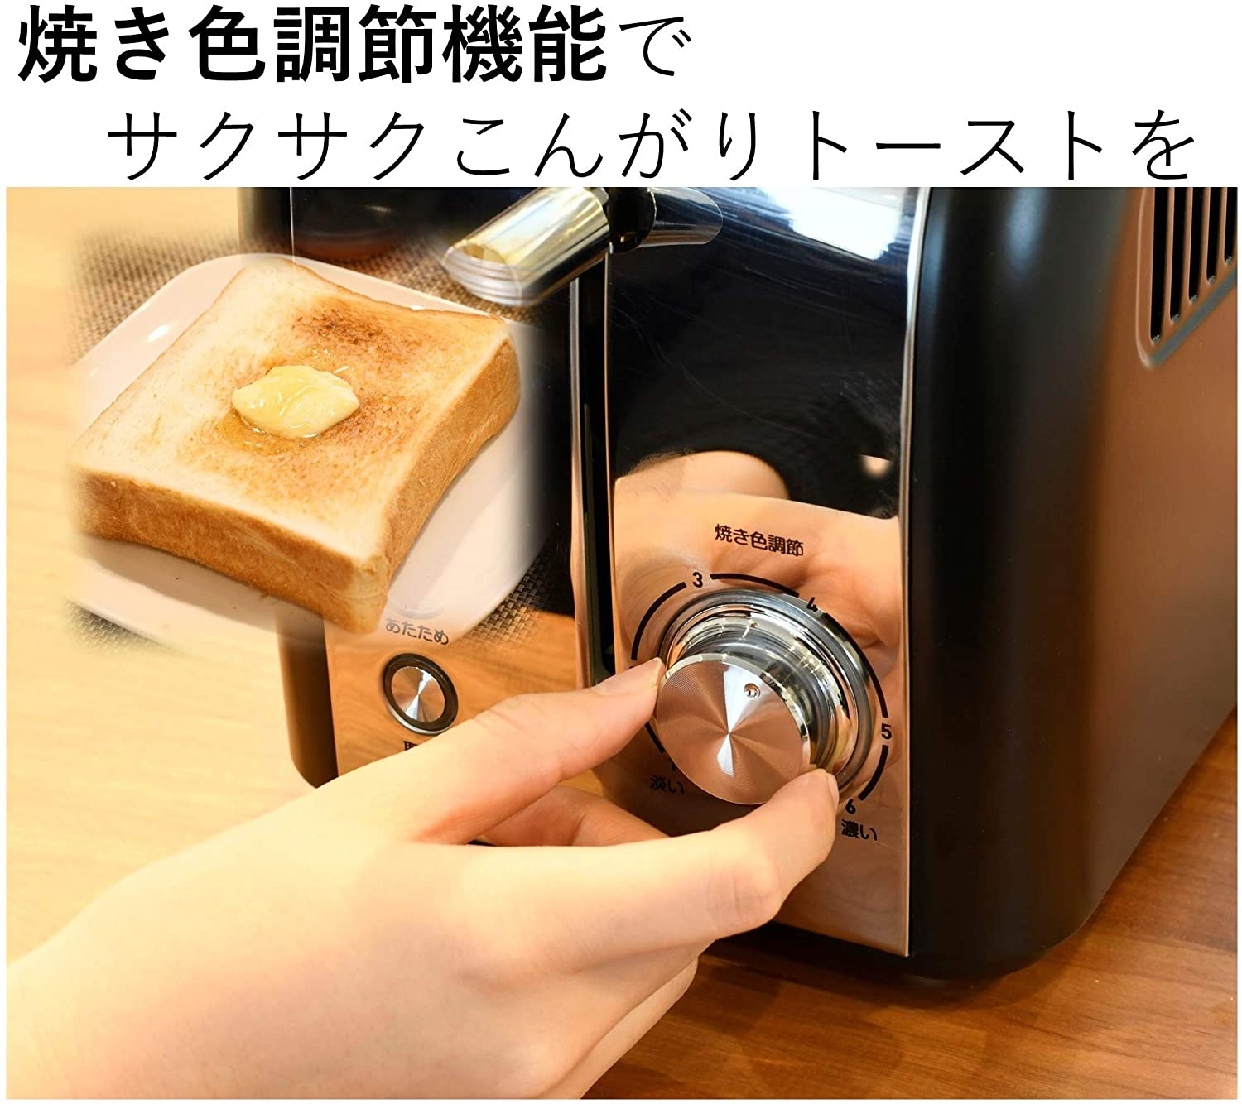 山善(YAMAZEN) ポップアップトースター シルバー YUC-S850の商品画像3